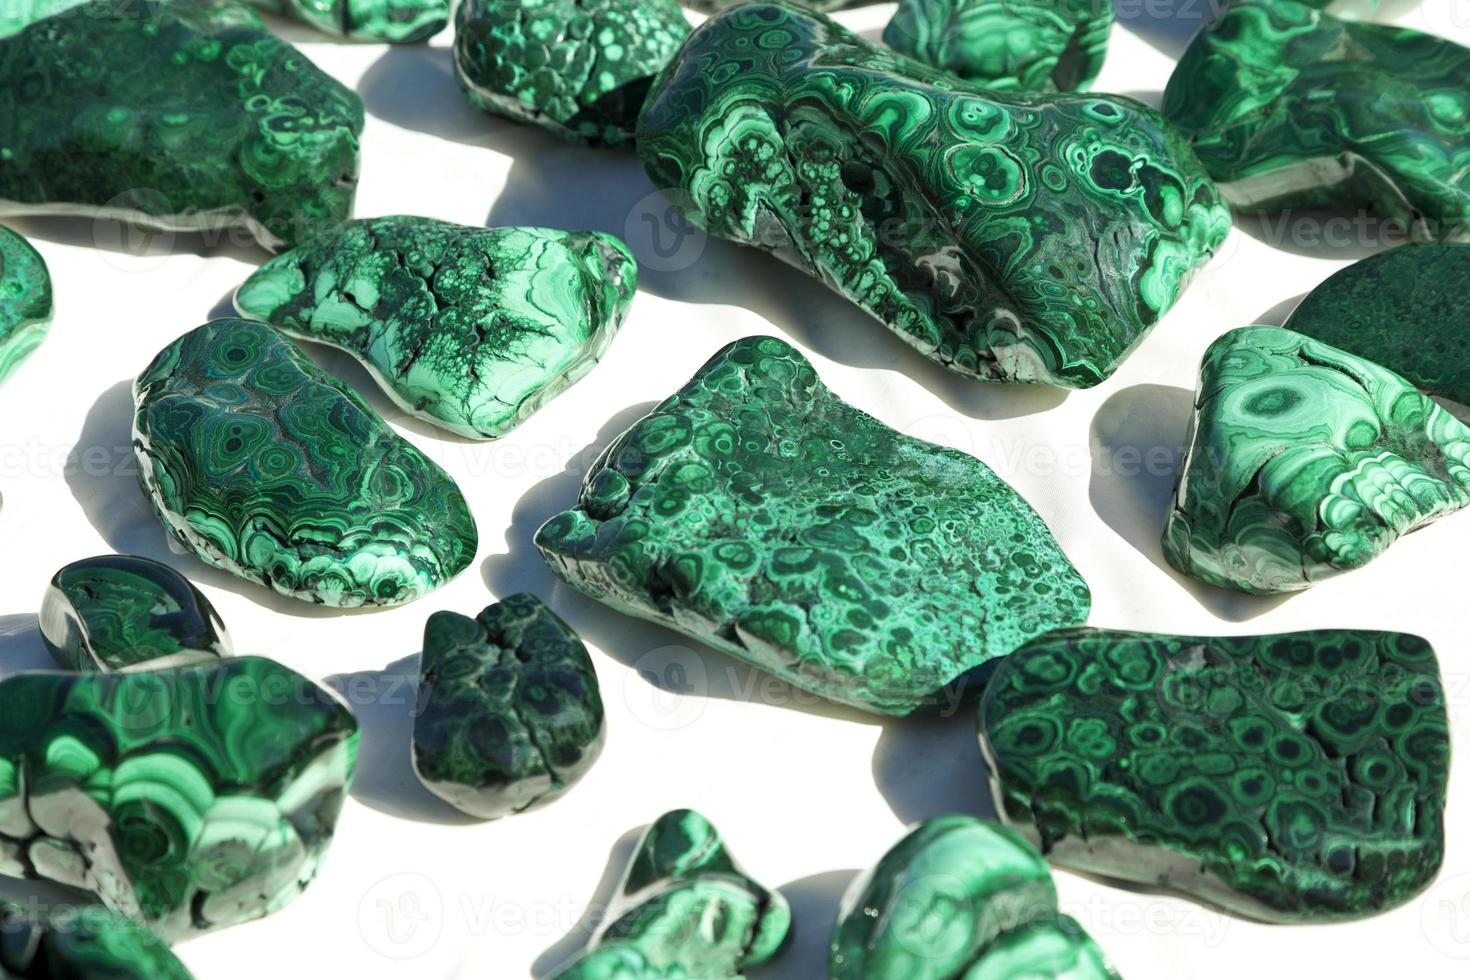 Malachite mineral specimens photo